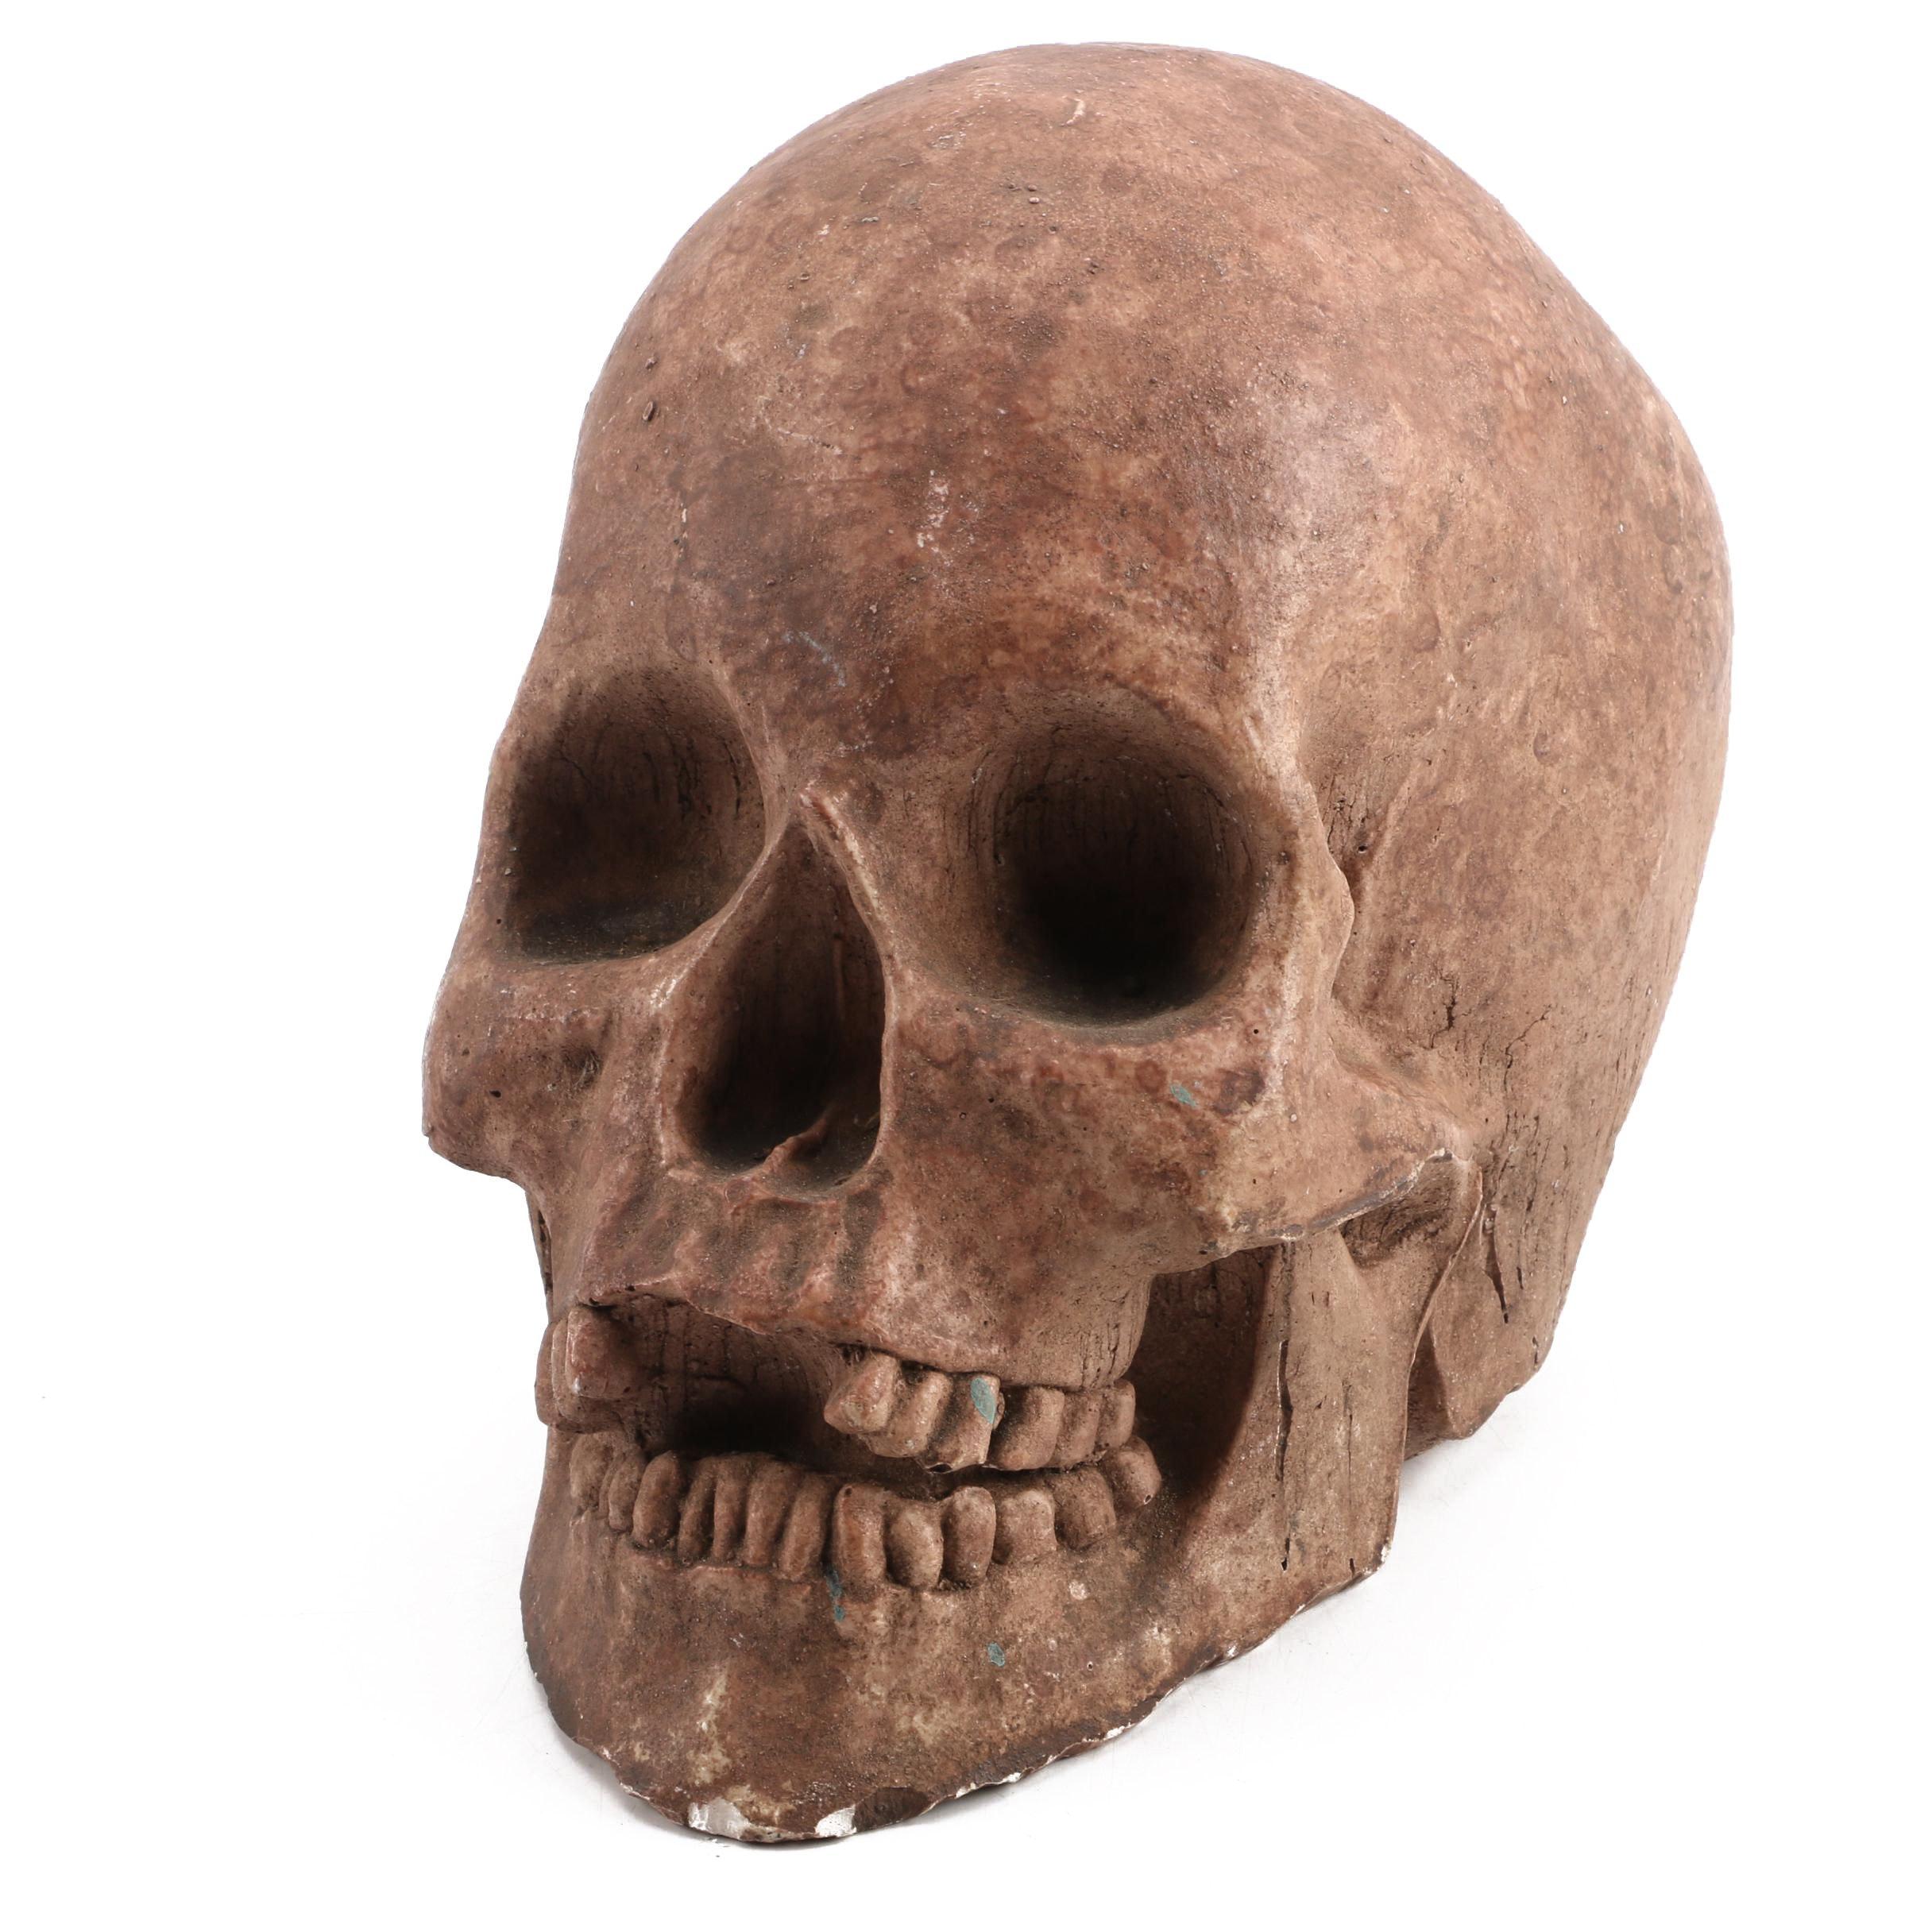 Decorative Ceramic Skull Sculpture